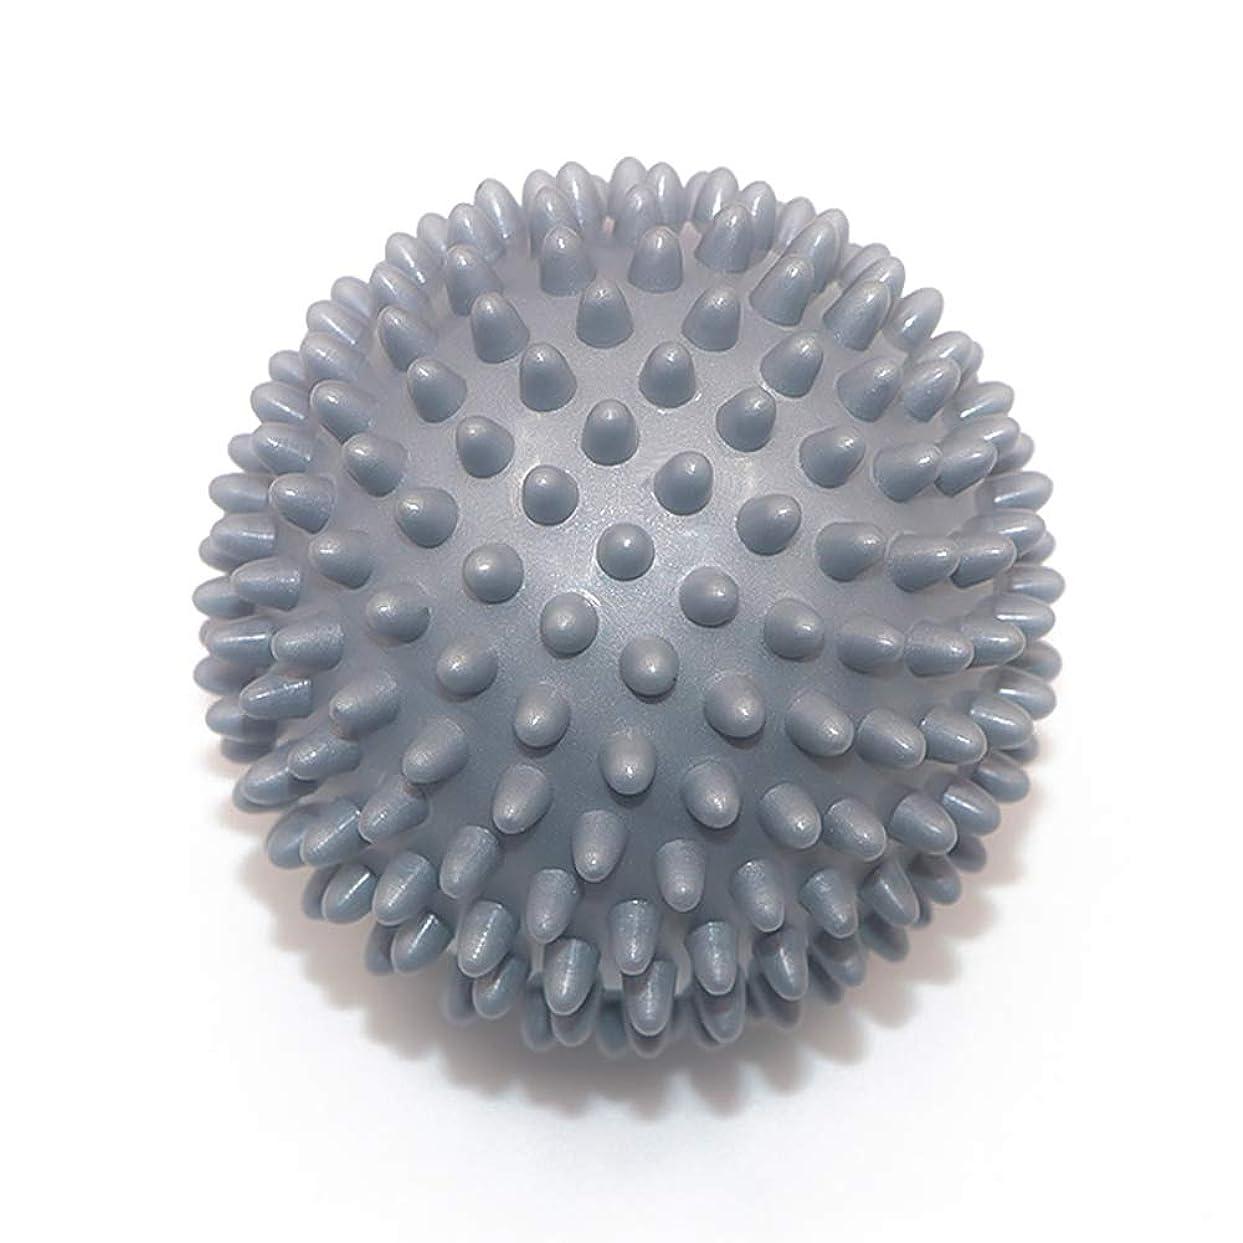 中止します音楽温度計Liti マッサージボール リハビリ 触覚ボール リフレクションボール 筋膜リリース リハビリ マッサージ用 グレー